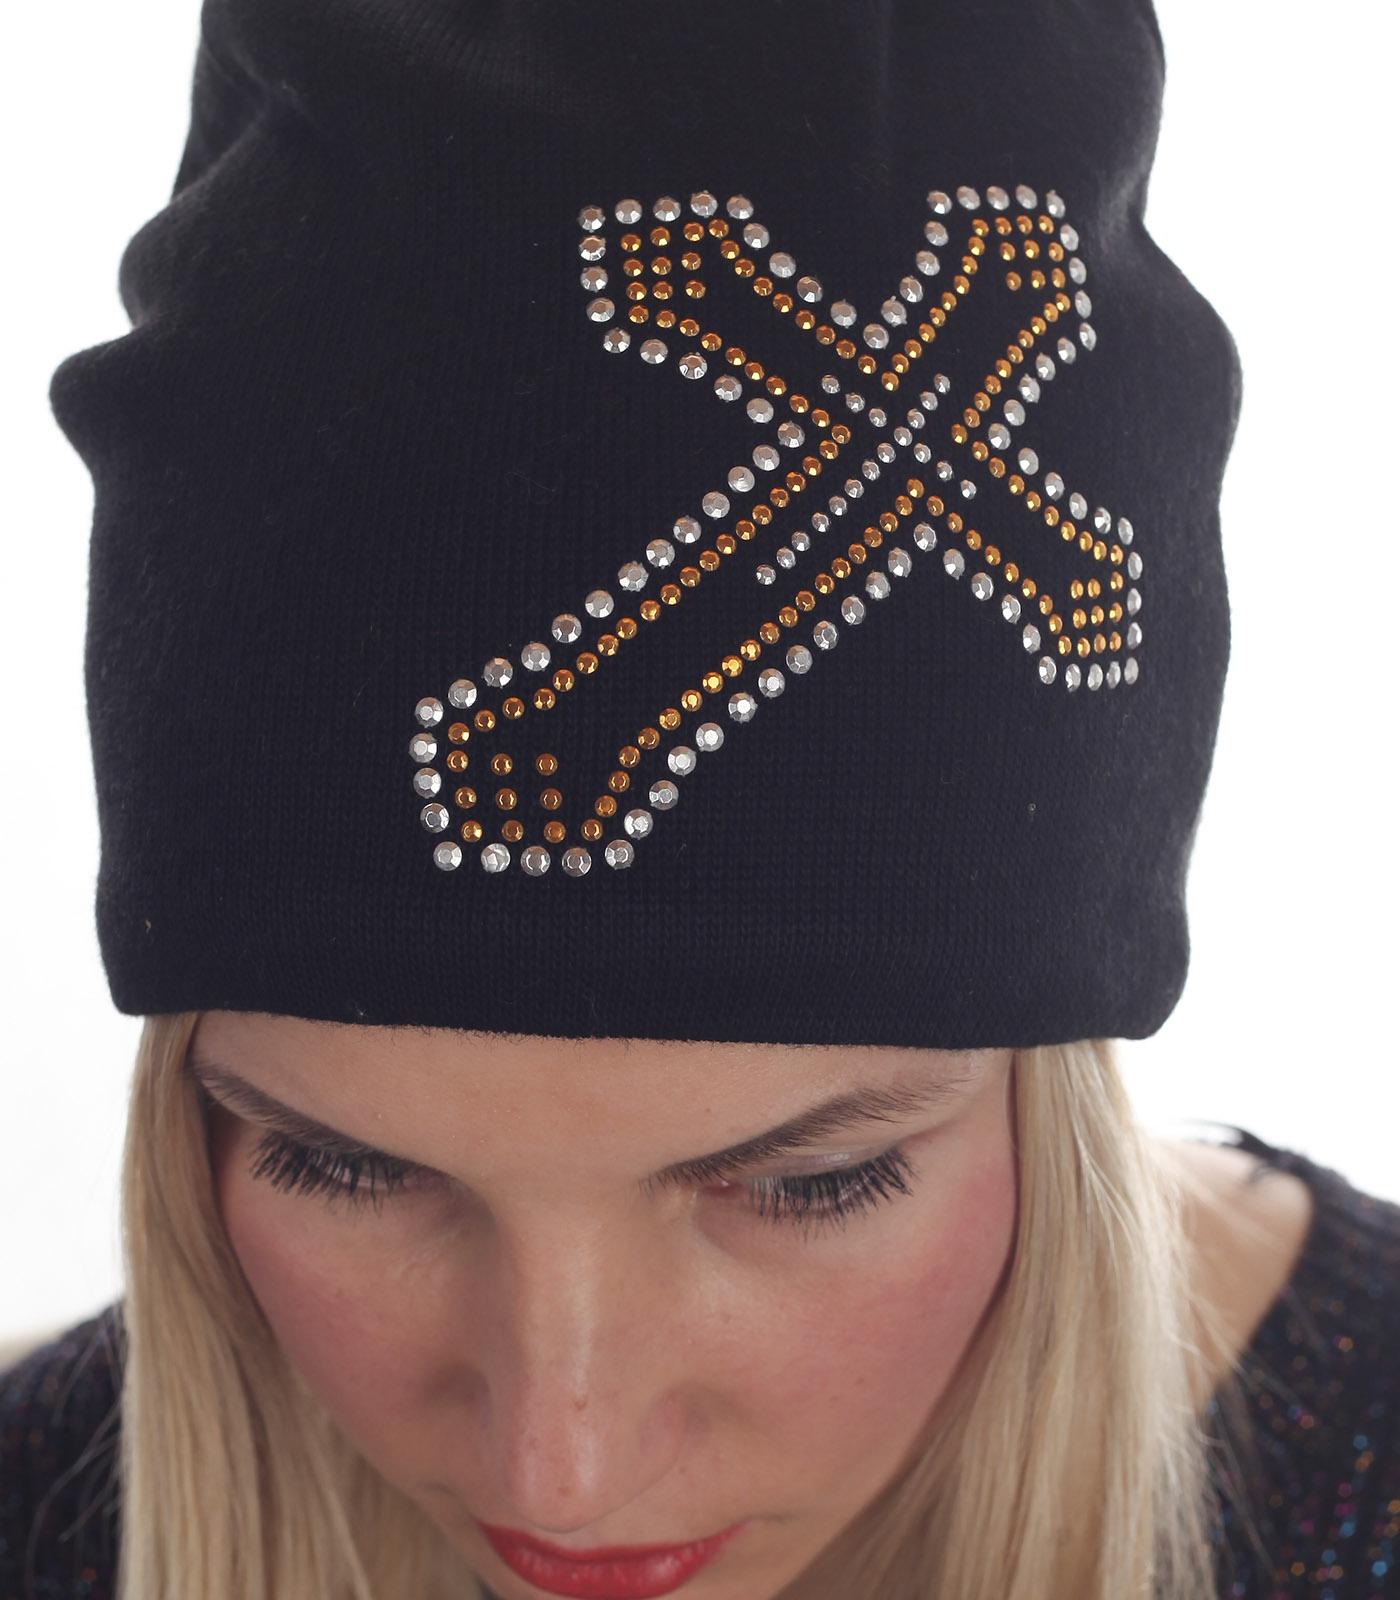 Гладкая женская шапка с флисом – стильный элемент гранжевой субкультуры. Модель, без которой не обходится ни одни модный показ. Выбирая фасон бини, ты равняешься на ЗВЁЗД